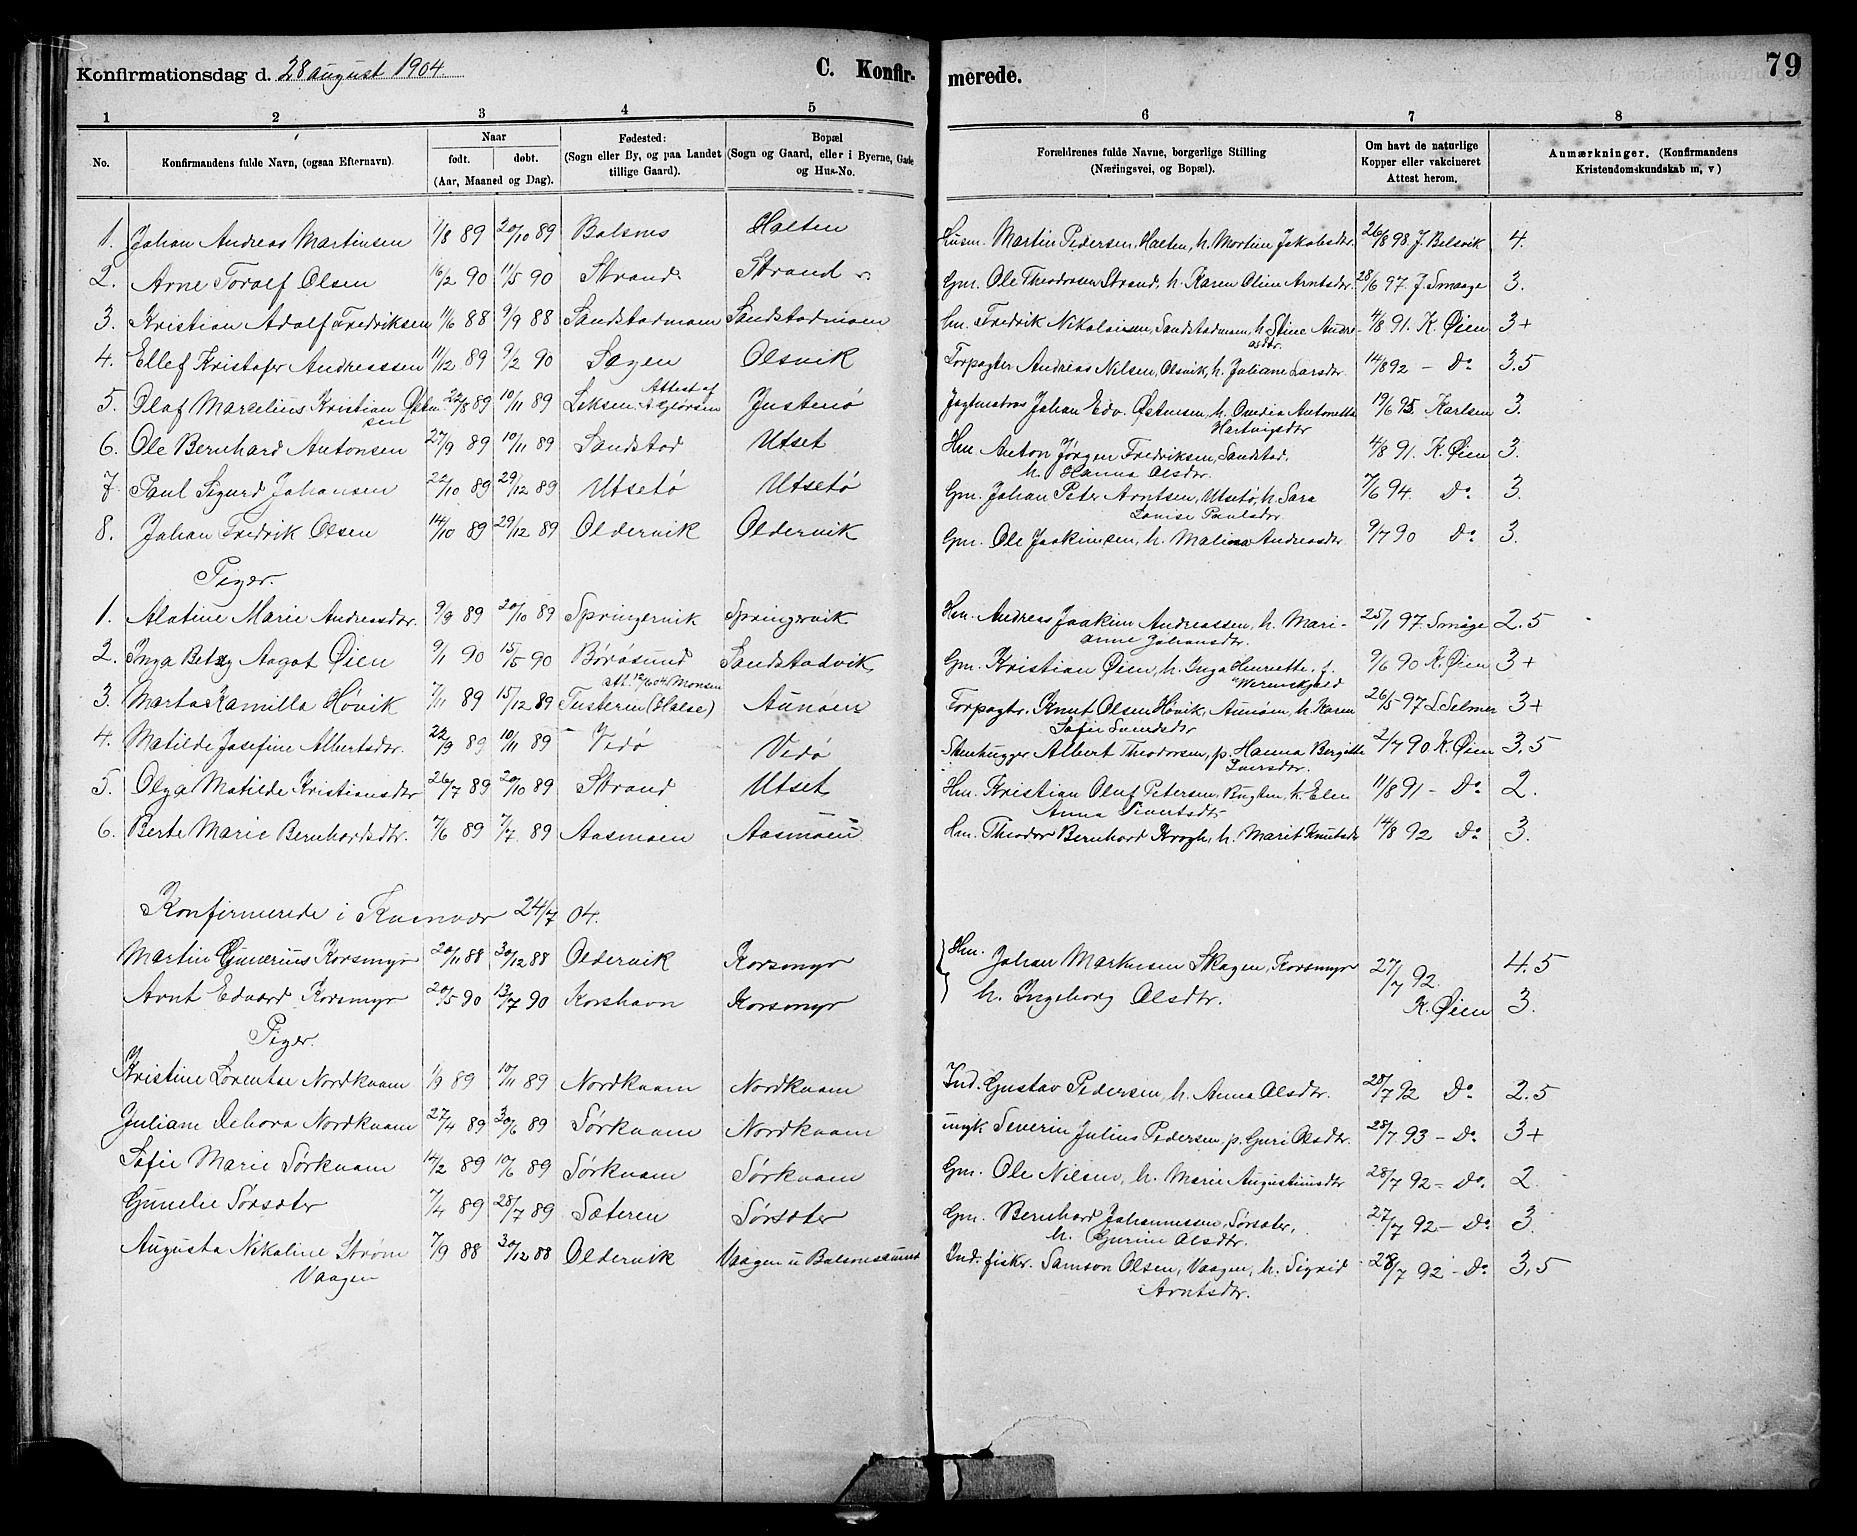 SAT, Ministerialprotokoller, klokkerbøker og fødselsregistre - Sør-Trøndelag, 639/L0573: Klokkerbok nr. 639C01, 1890-1905, s. 79